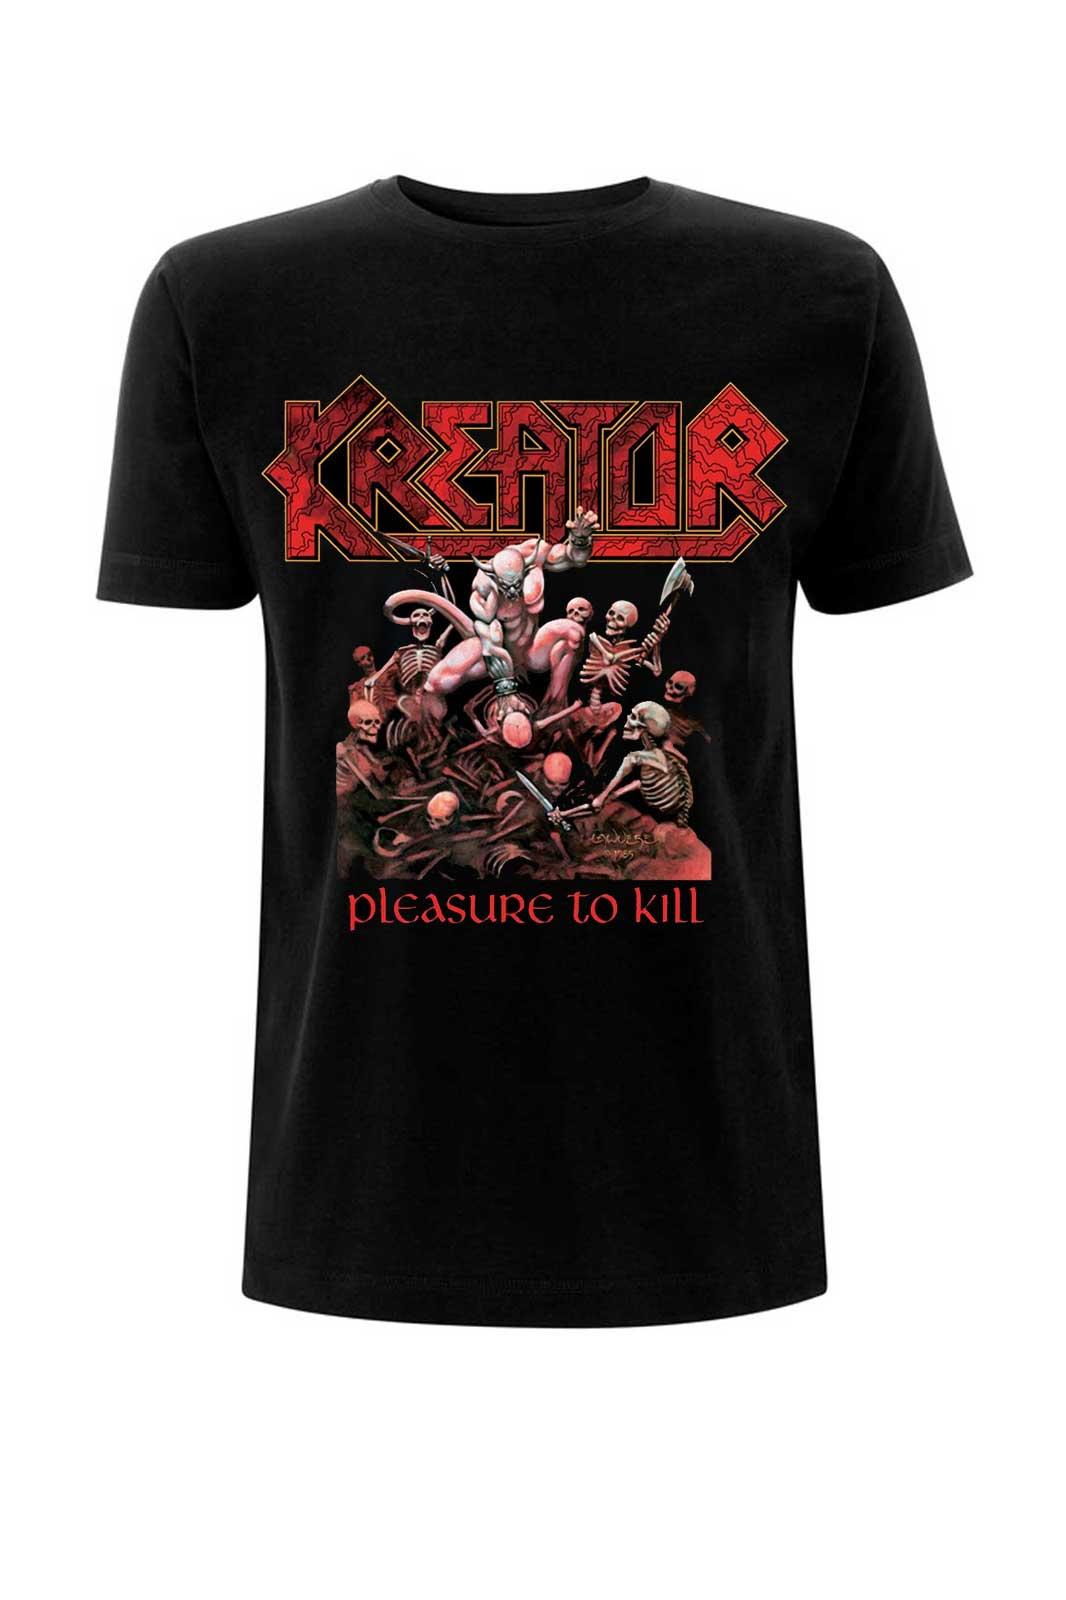 Tee Kreator Pleasure To Kill